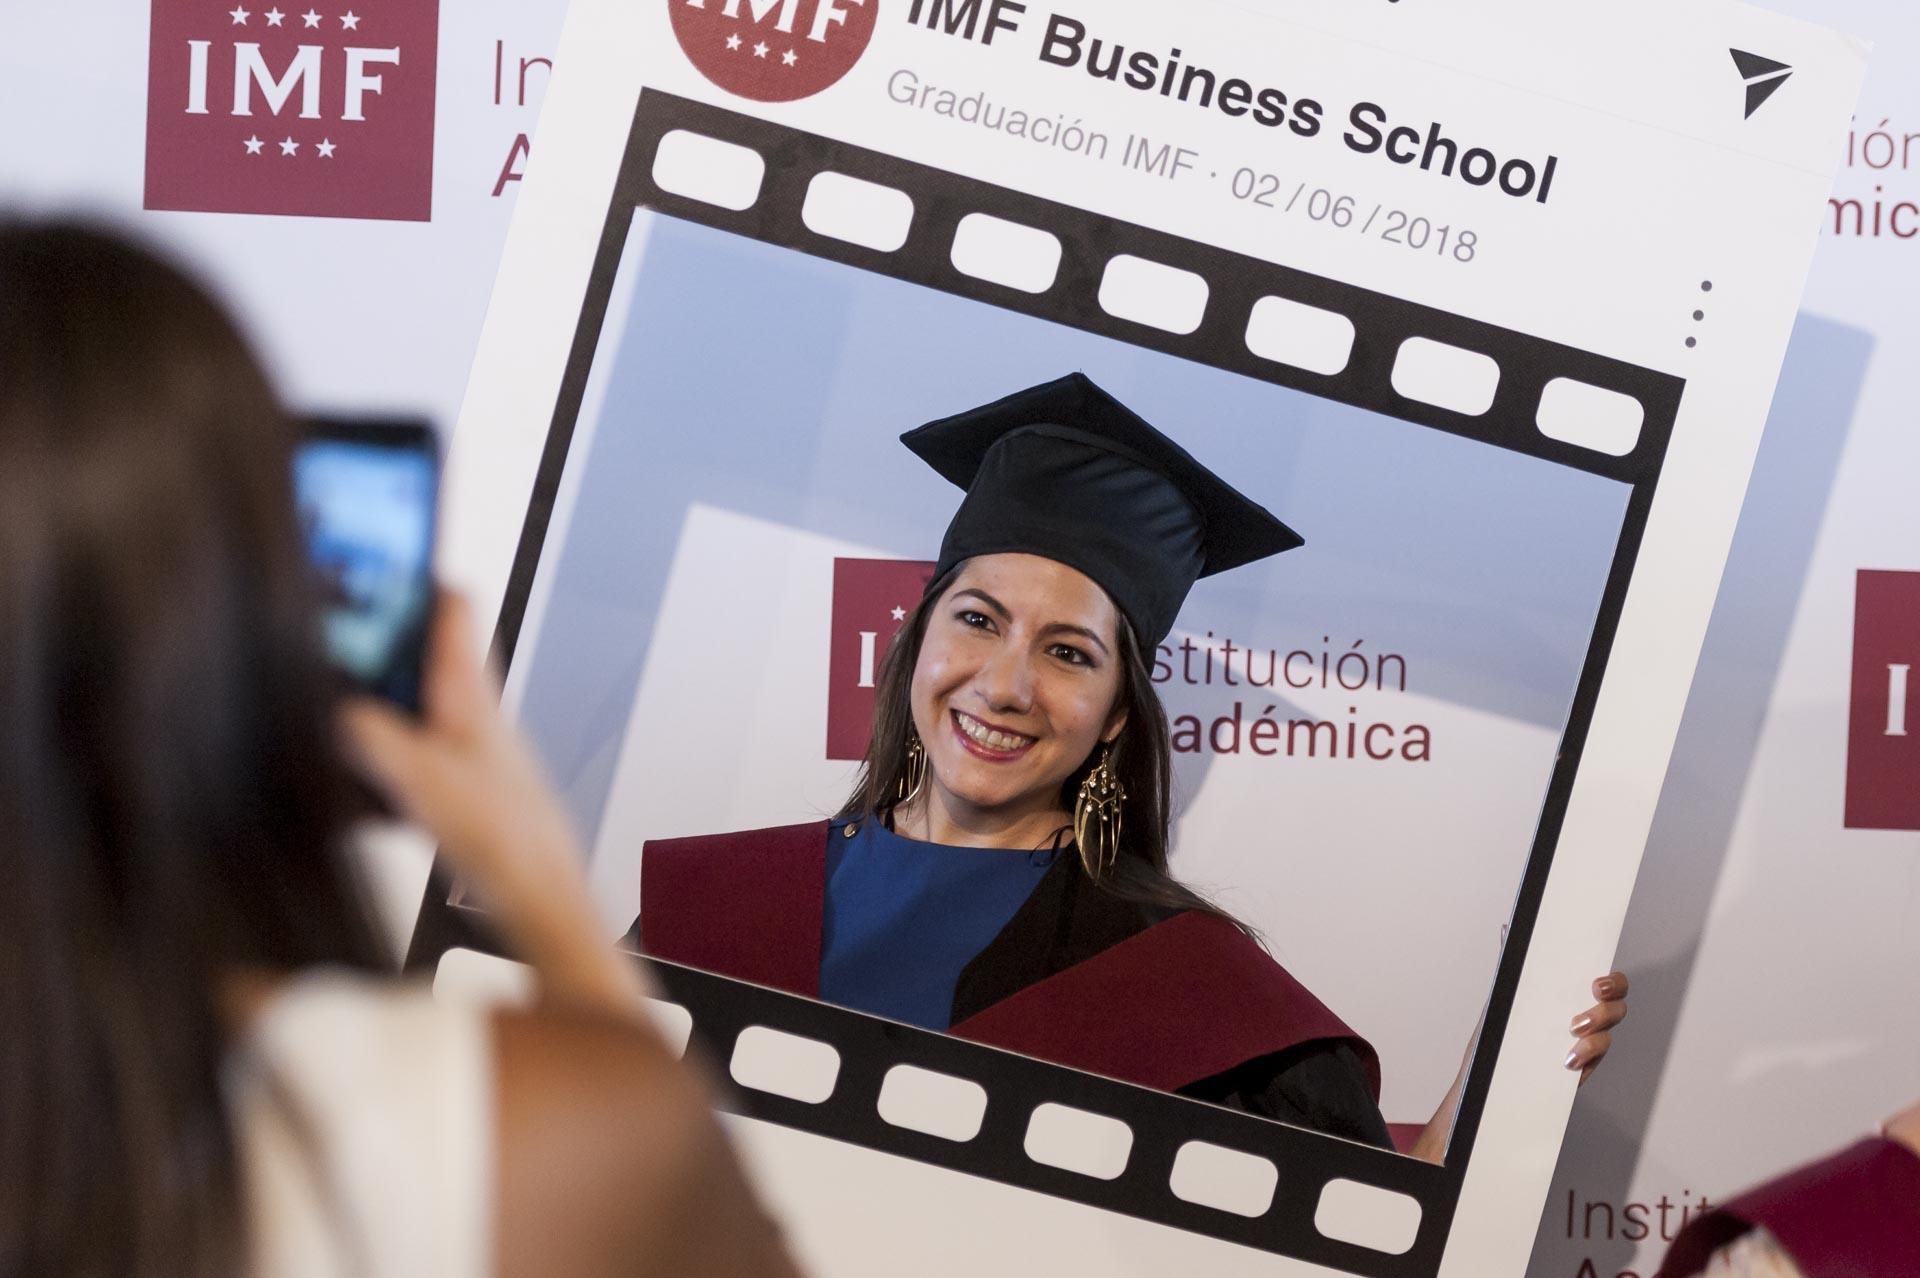 Recordamos los mejores momentos de la Graduación IMF 2018 en imágenes